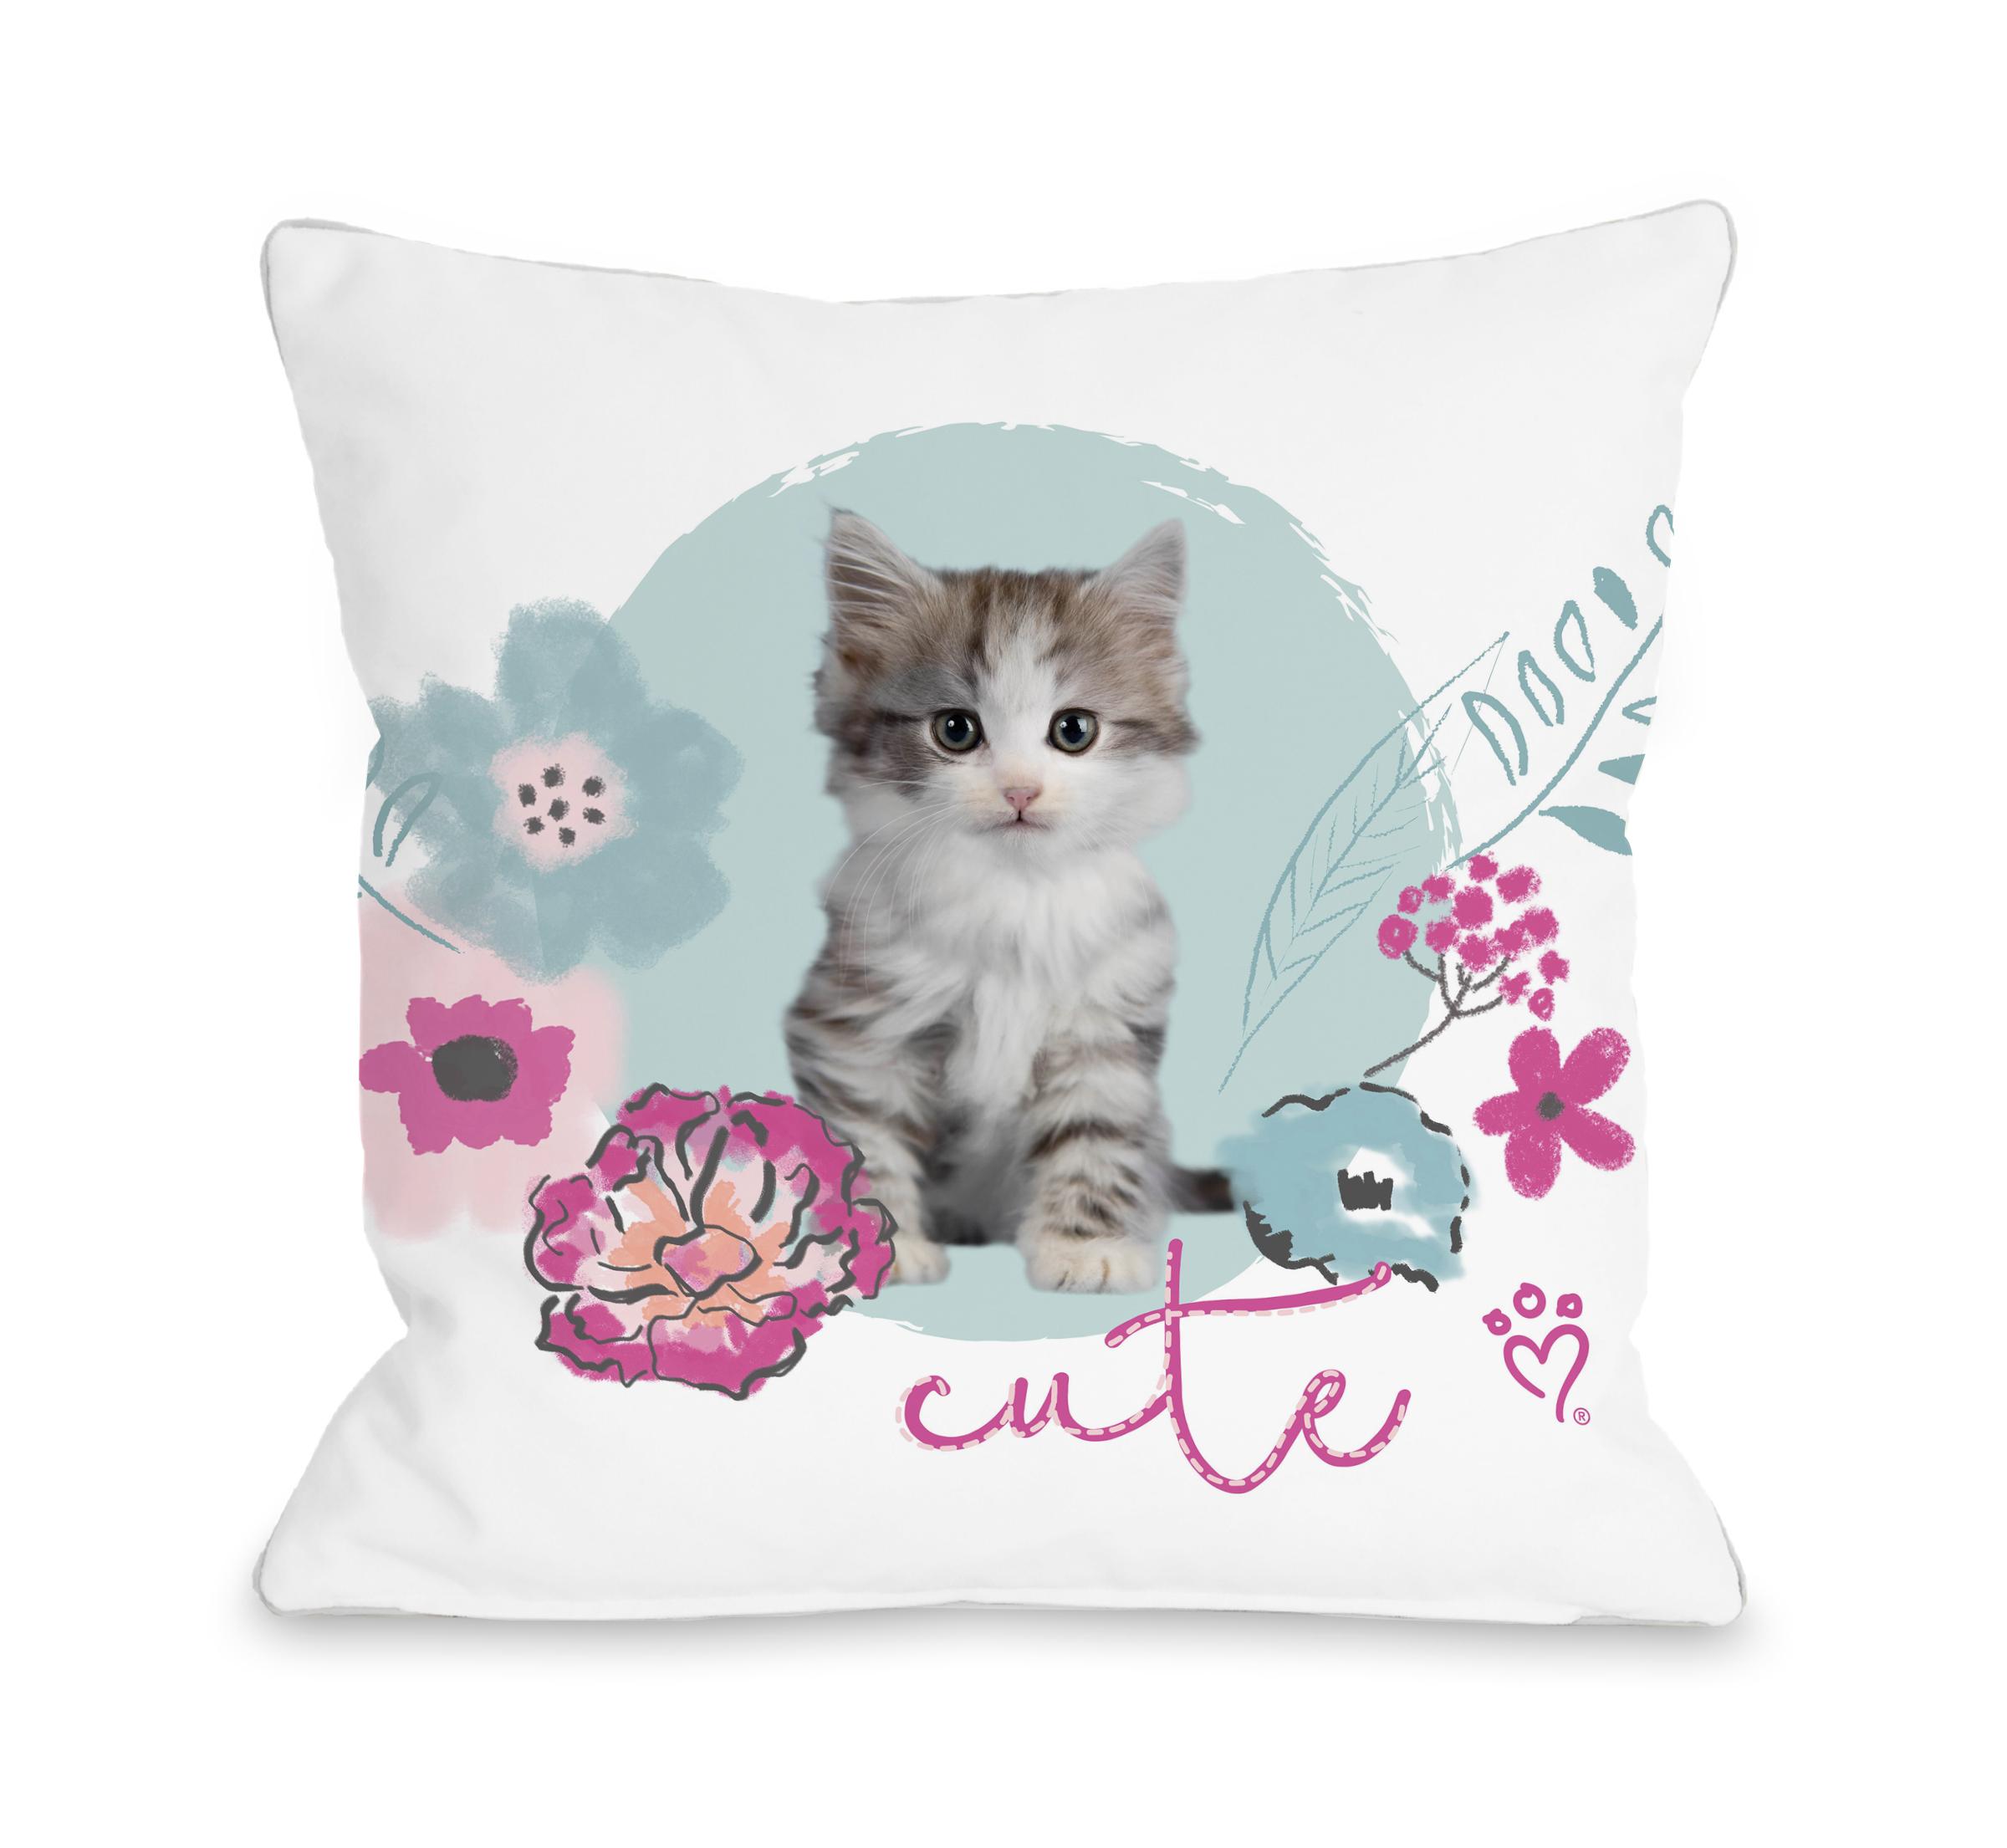 Cute Kitten - Multi 16x16 Pillow by Rachael Hale